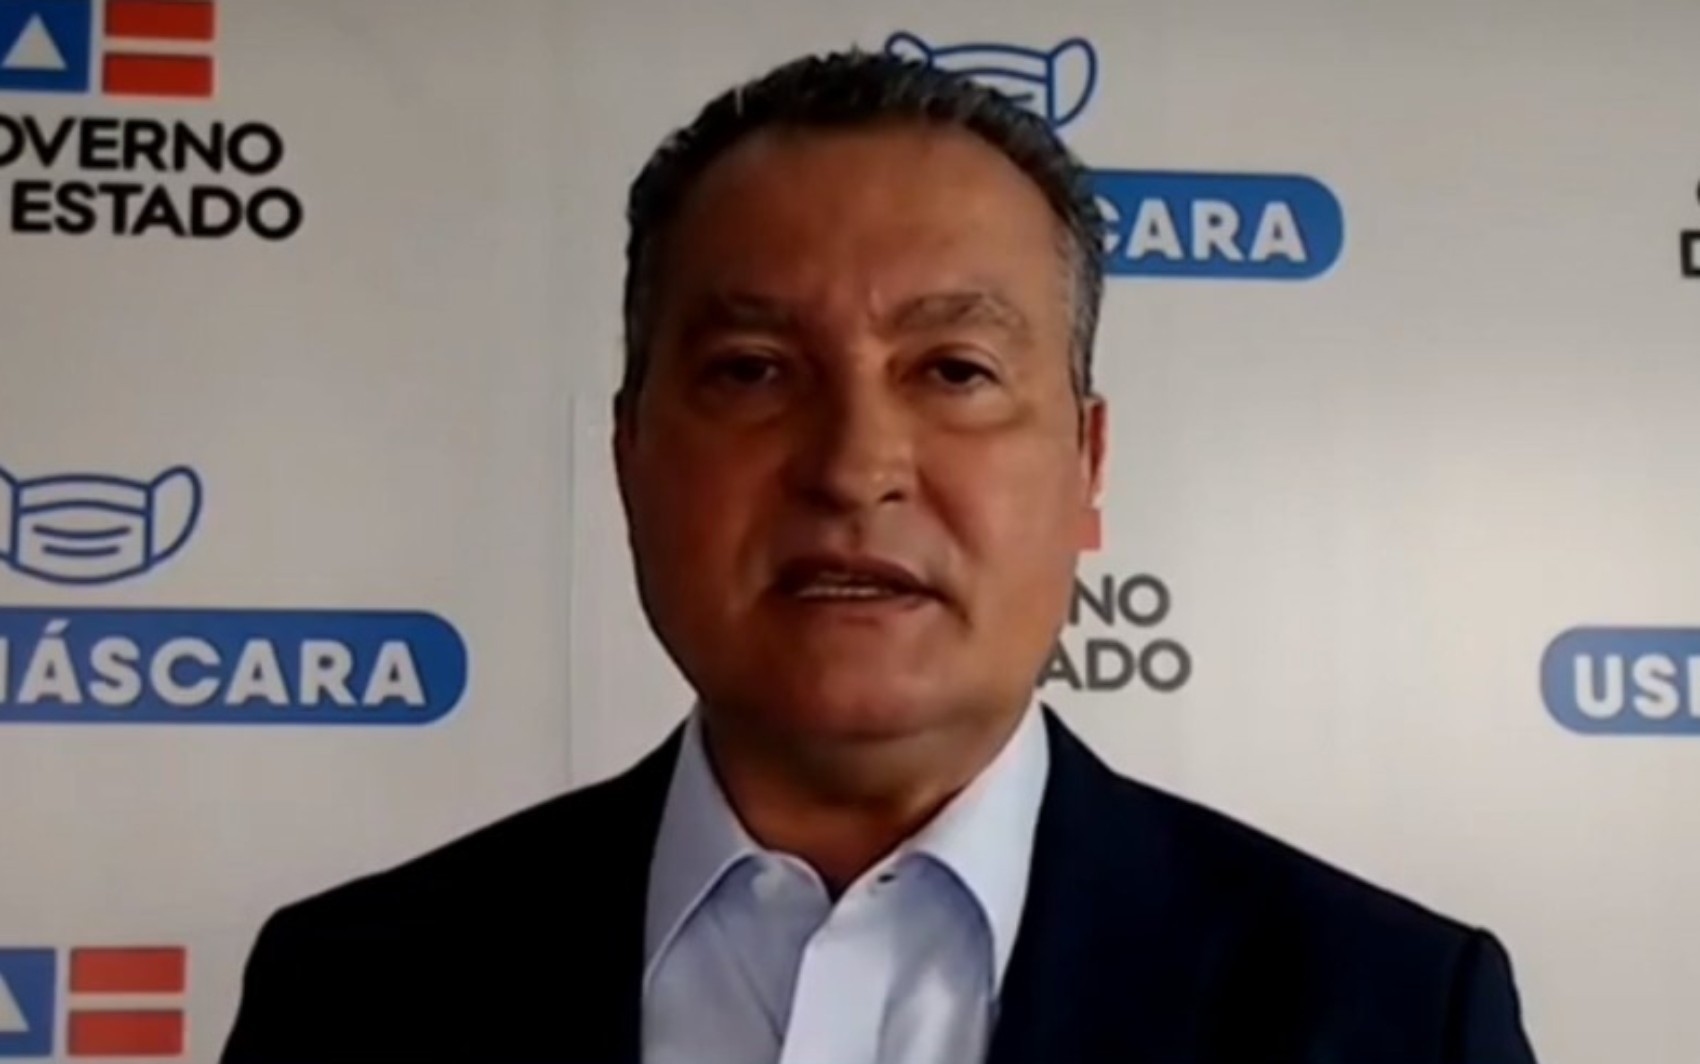 Governador da Bahia demonstra preocupação com número de casos de Covid-19: 'Luz amarela'